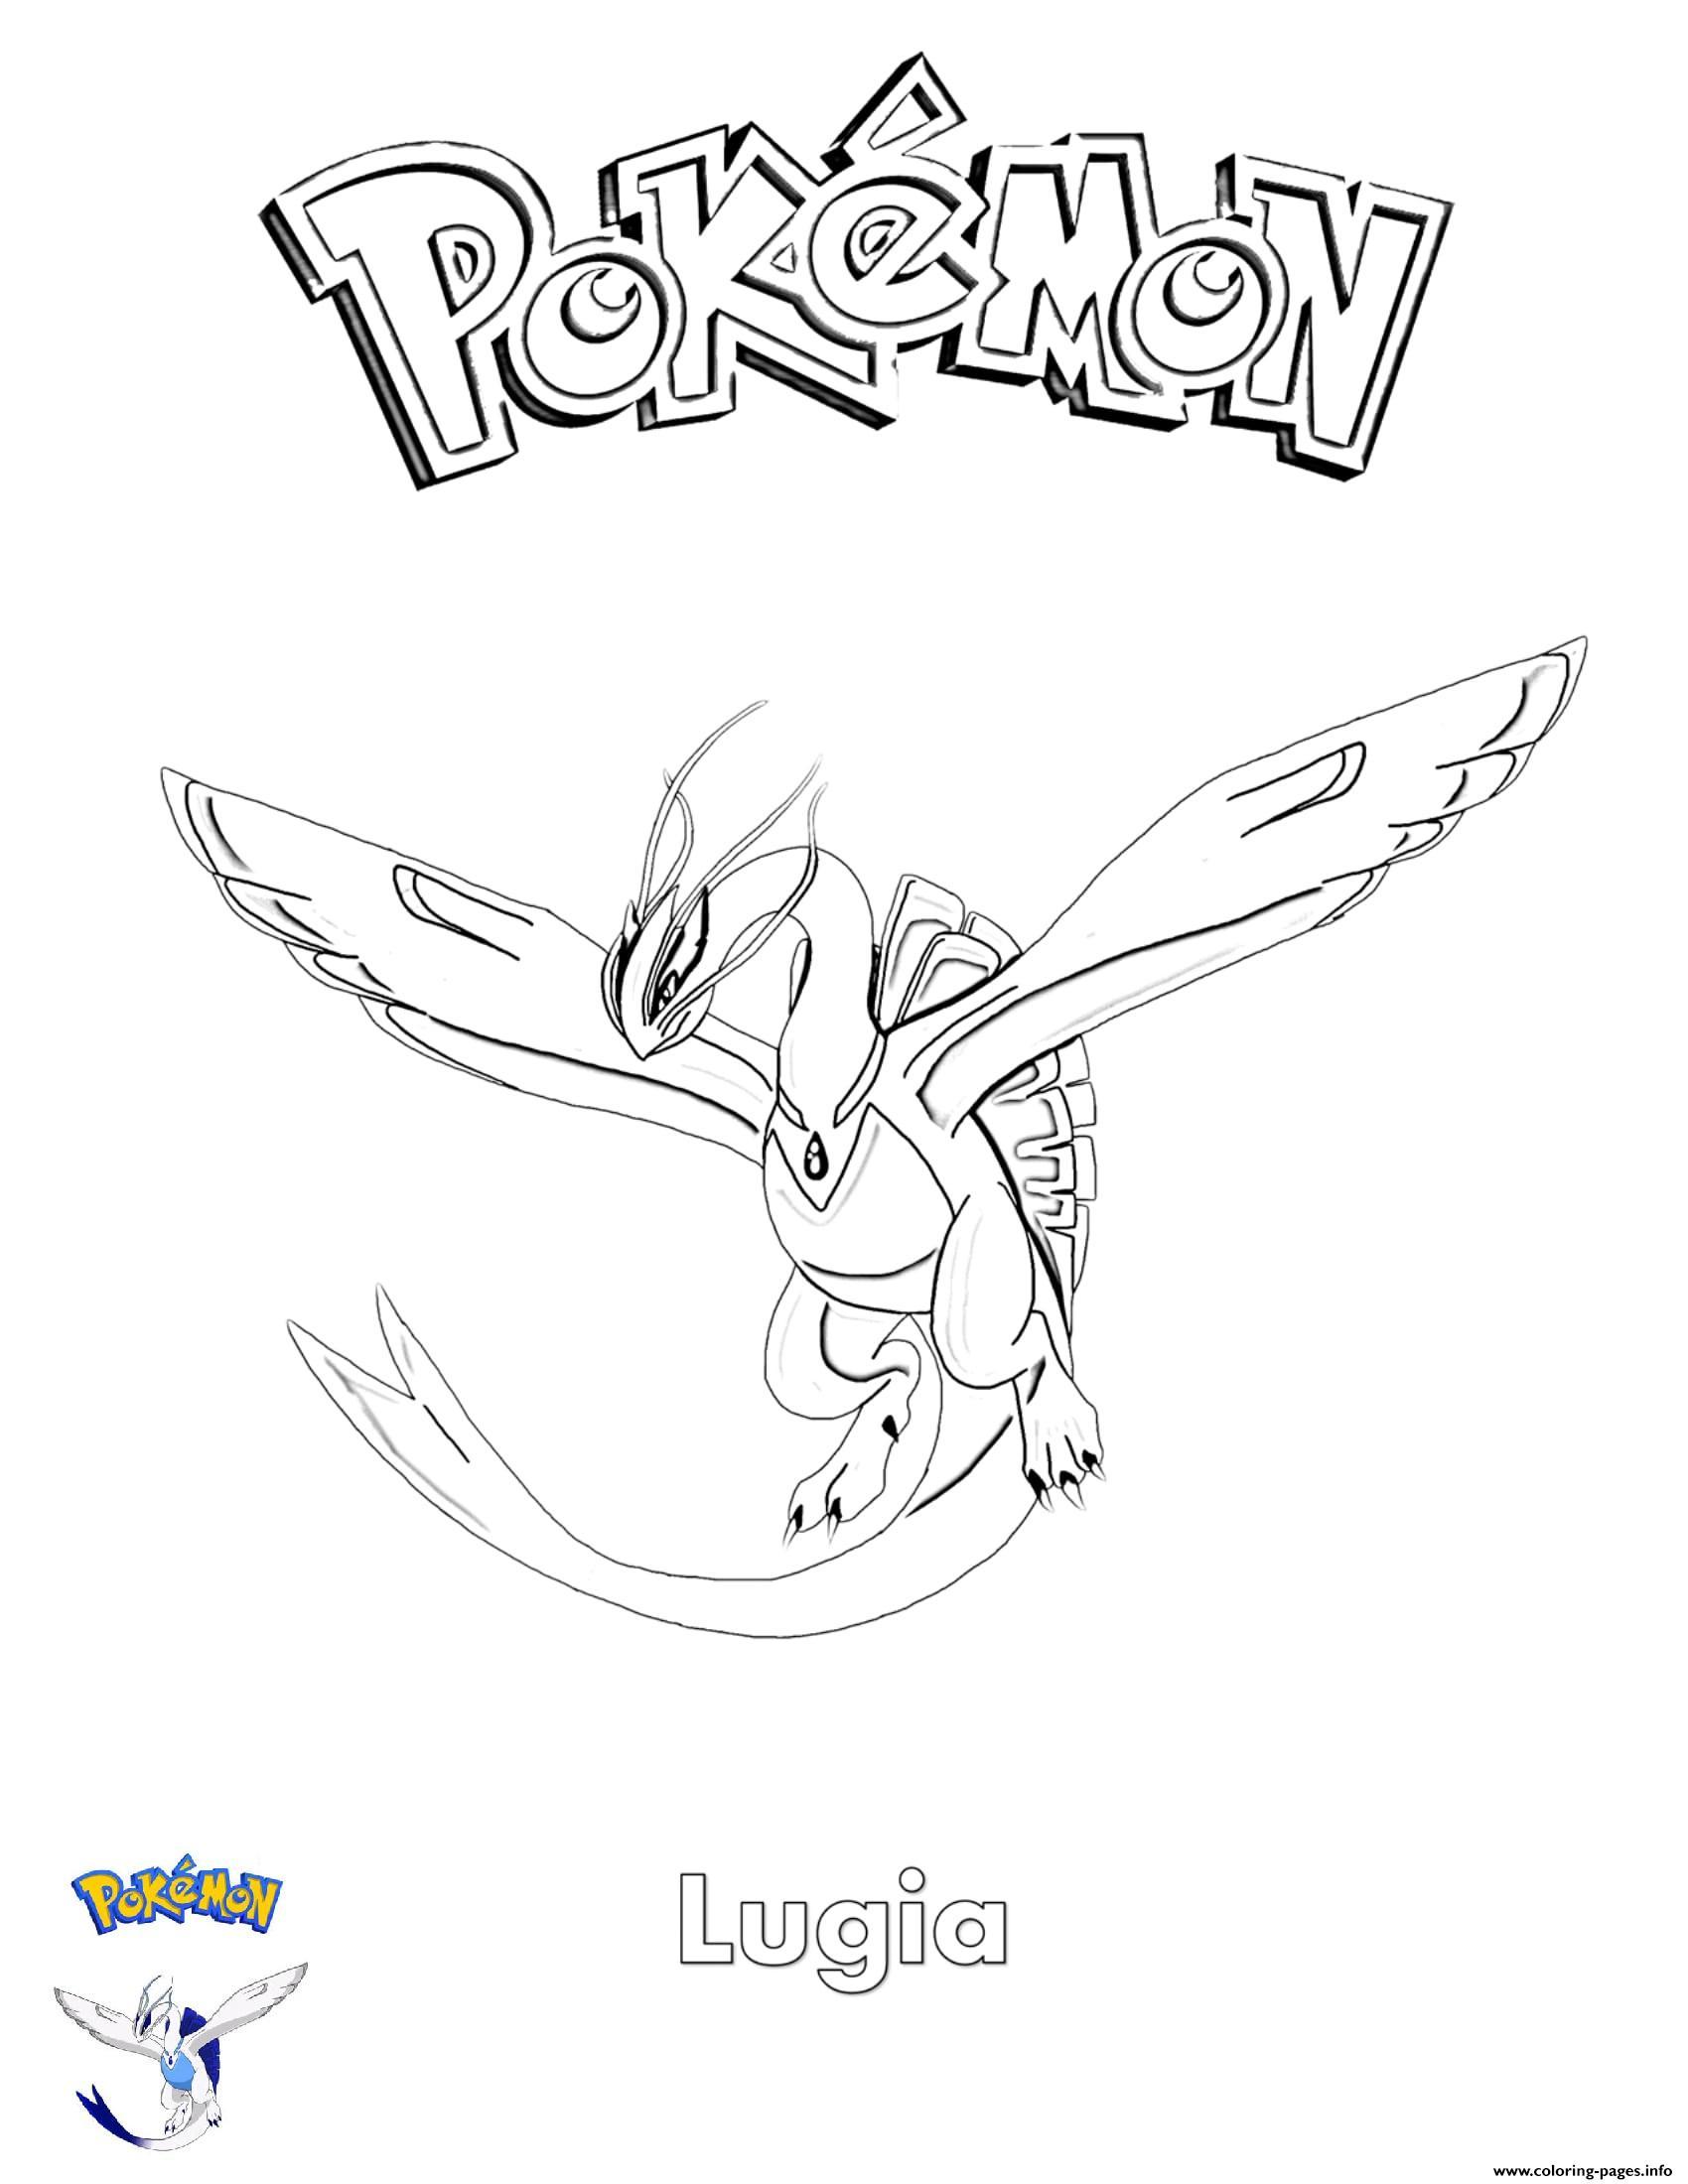 Lugia Pokemon Coloring Pages : lugia, pokemon, coloring, pages, Lugia, Pokemon, Coloring, Pages, Printable